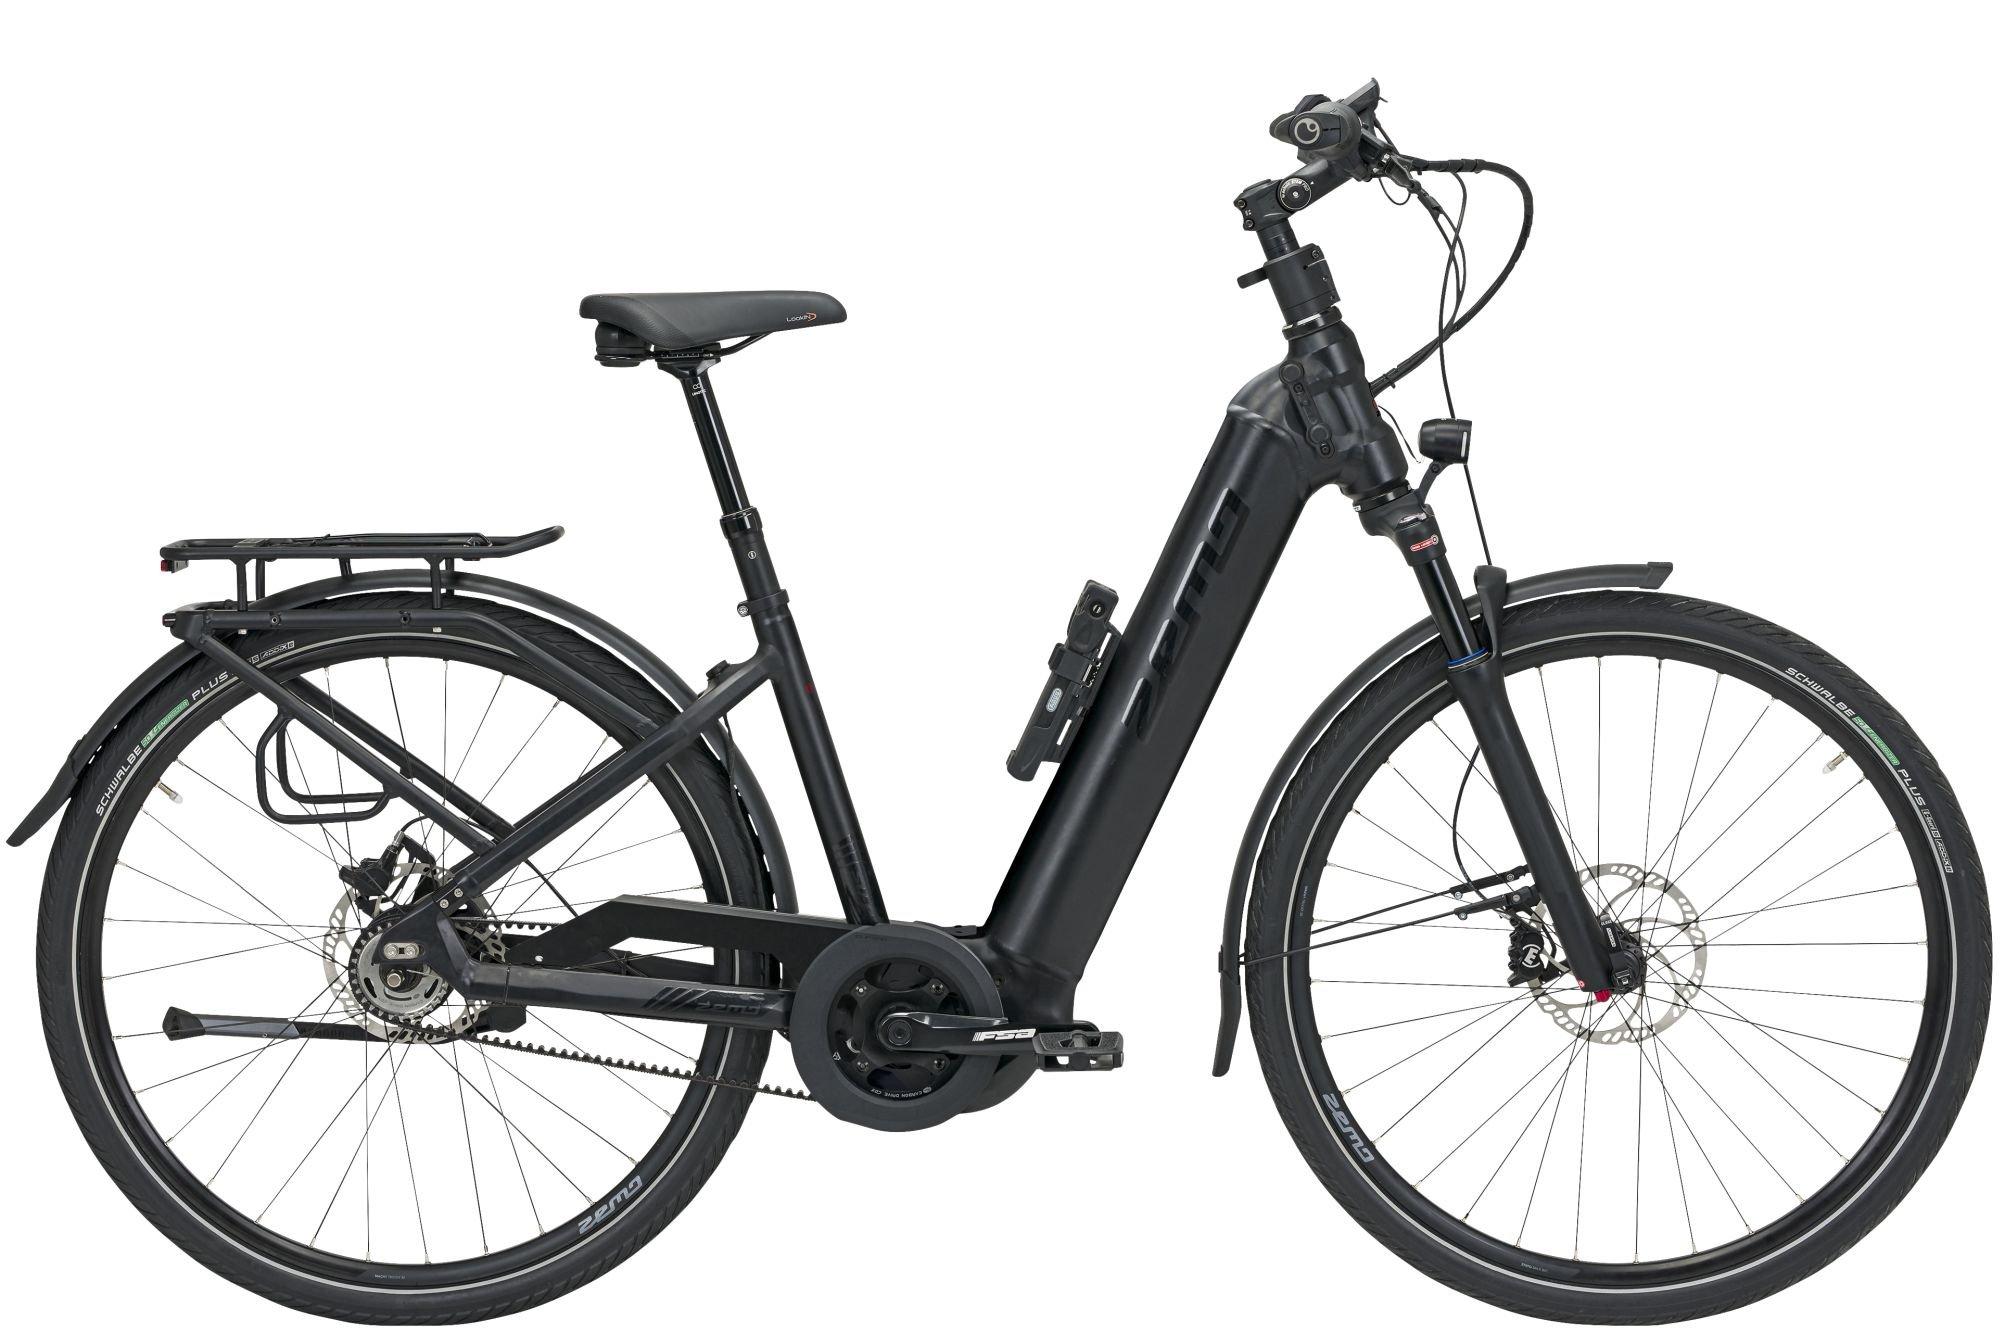 E-Bikes/Citybikes: ZEMO  ZE 5F (625 Wh) 5 Gang Nabenschaltung Damenfahrrad Wave Modell 2021 28 Zoll 48 cm